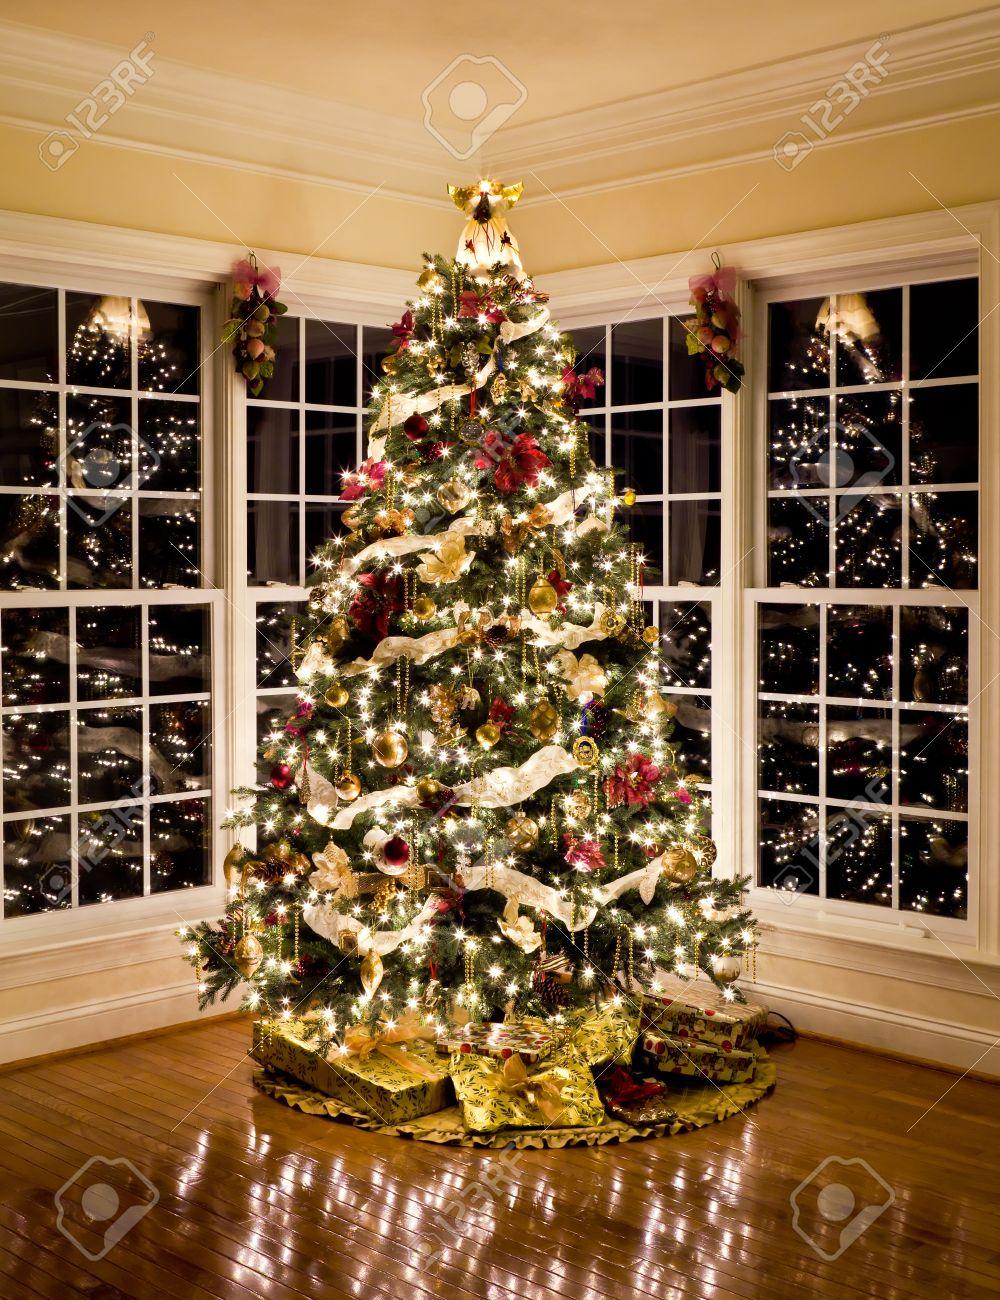 foto de archivo rbol de navidad con regalos y luces que refleja en ventanas alrededor del rbol en el hogar moderno